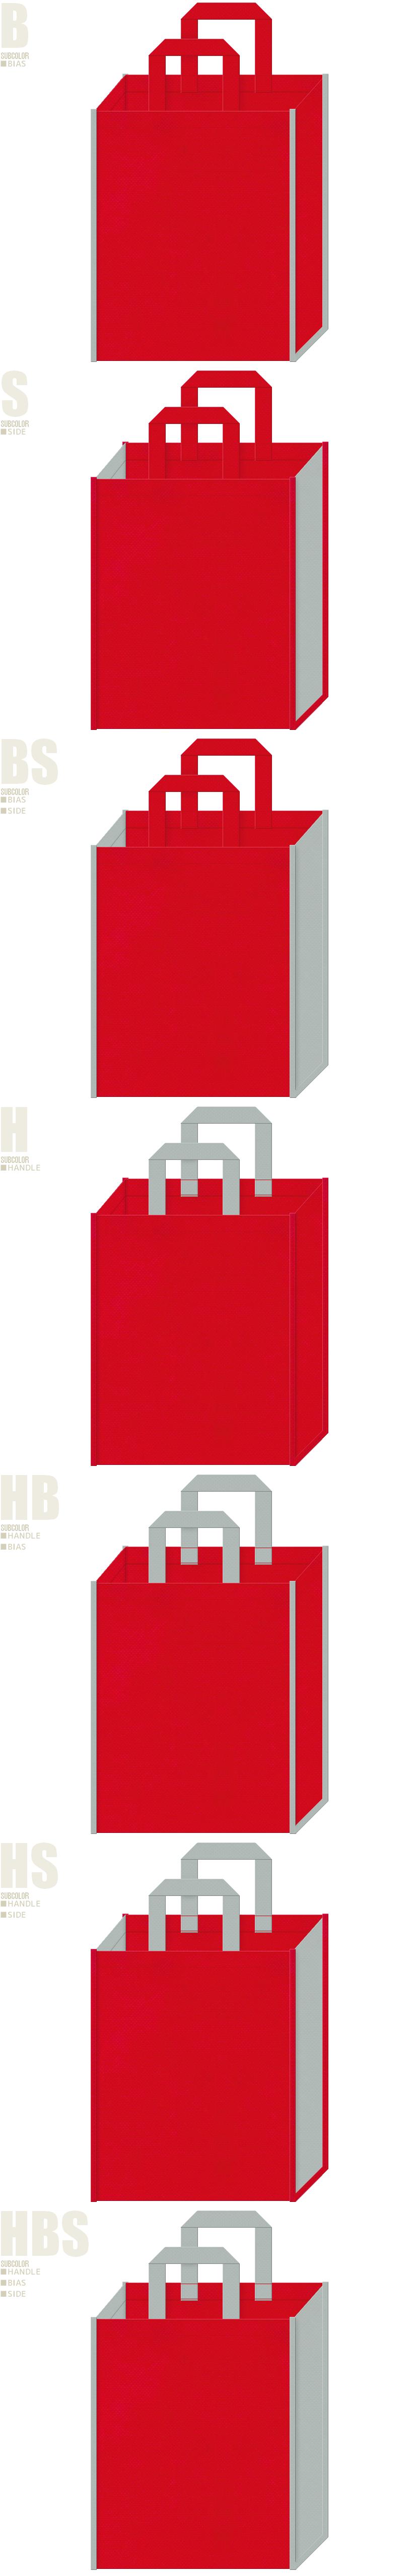 不織布トートバッグのデザイン:ロボット・プラモデルの展示会用バッグにお奨めの配色です。